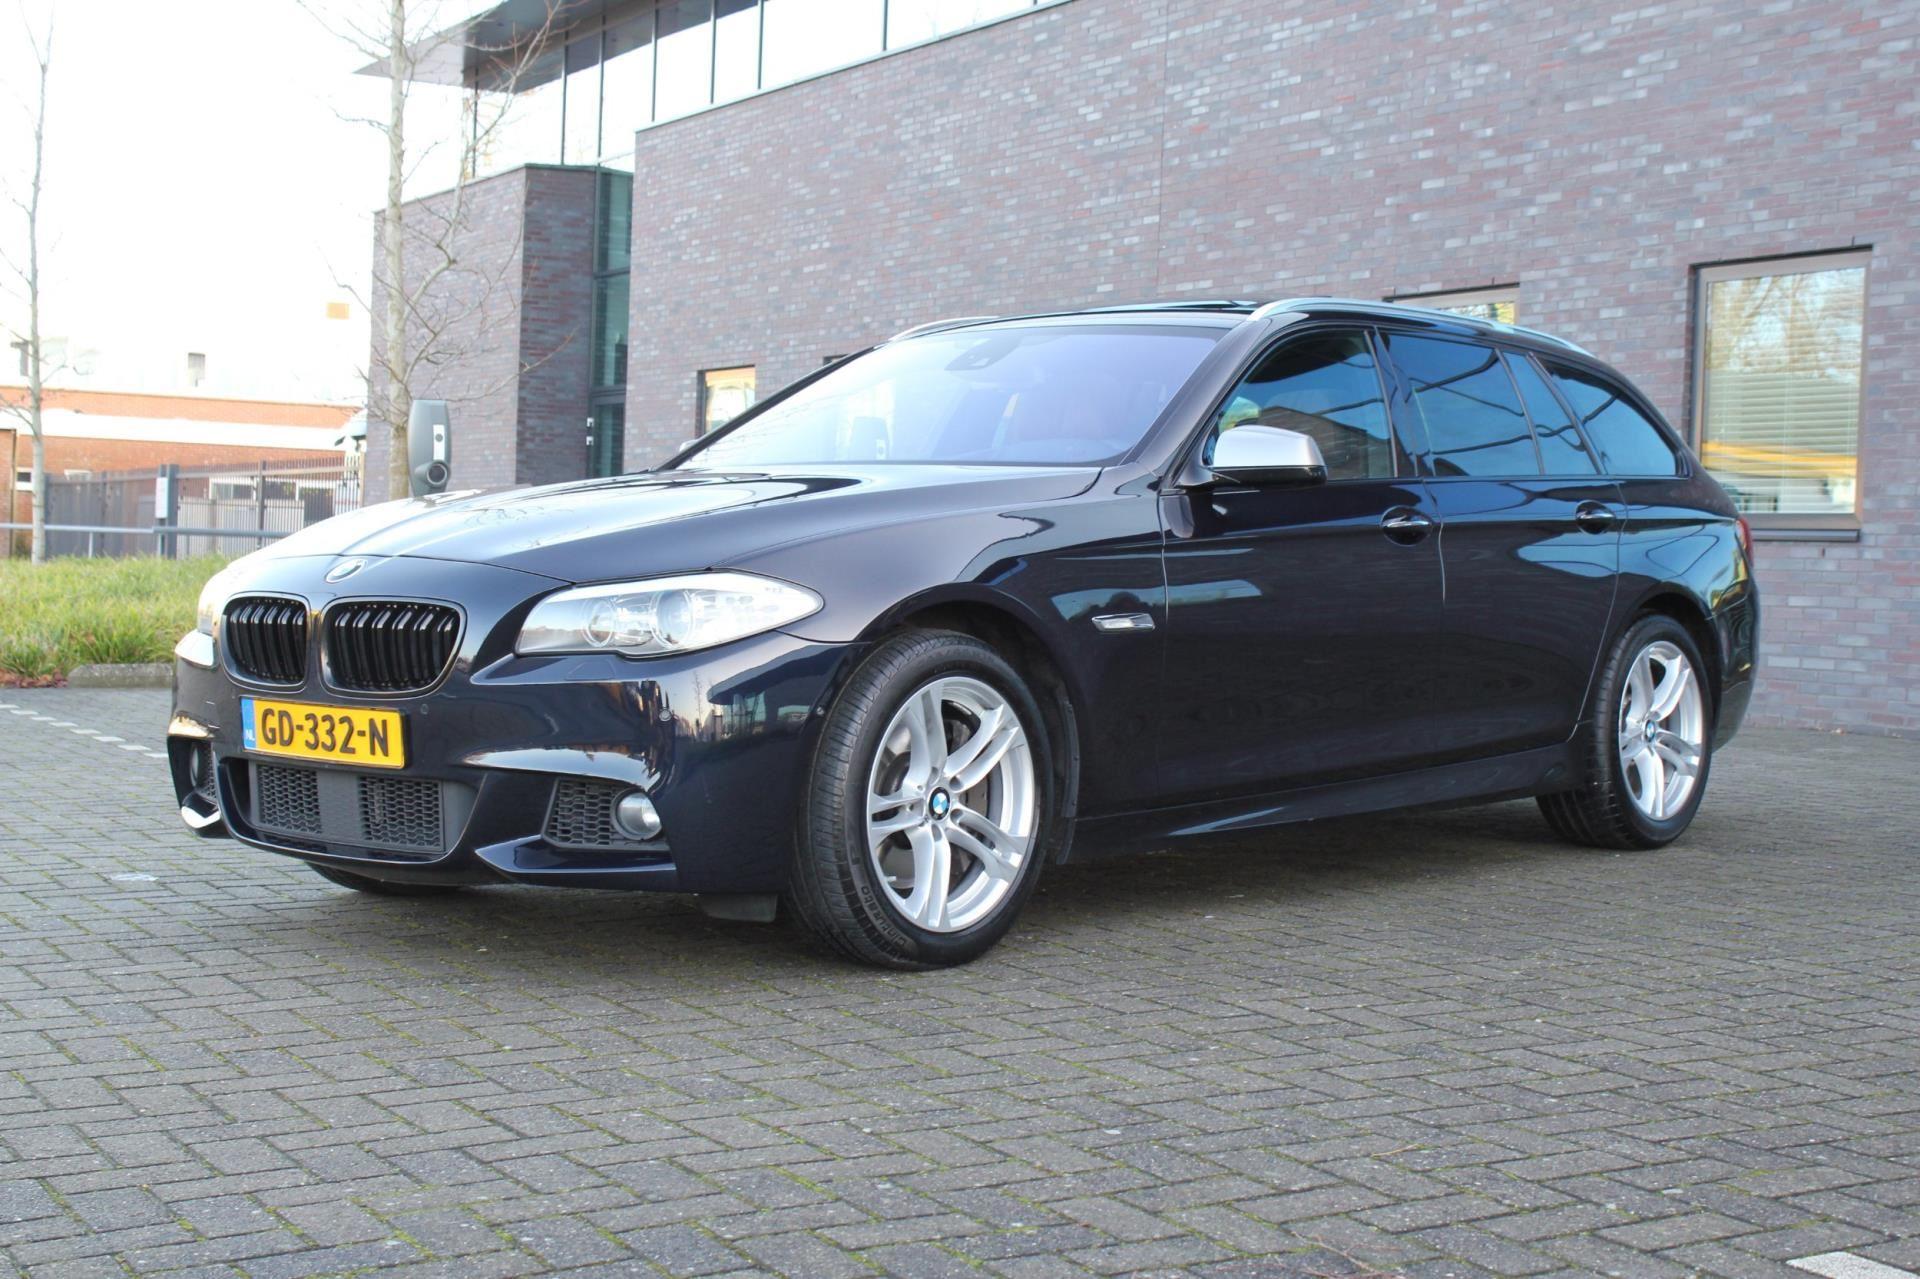 BMW 5-serie Touring occasion - Autoflex Grootebroek